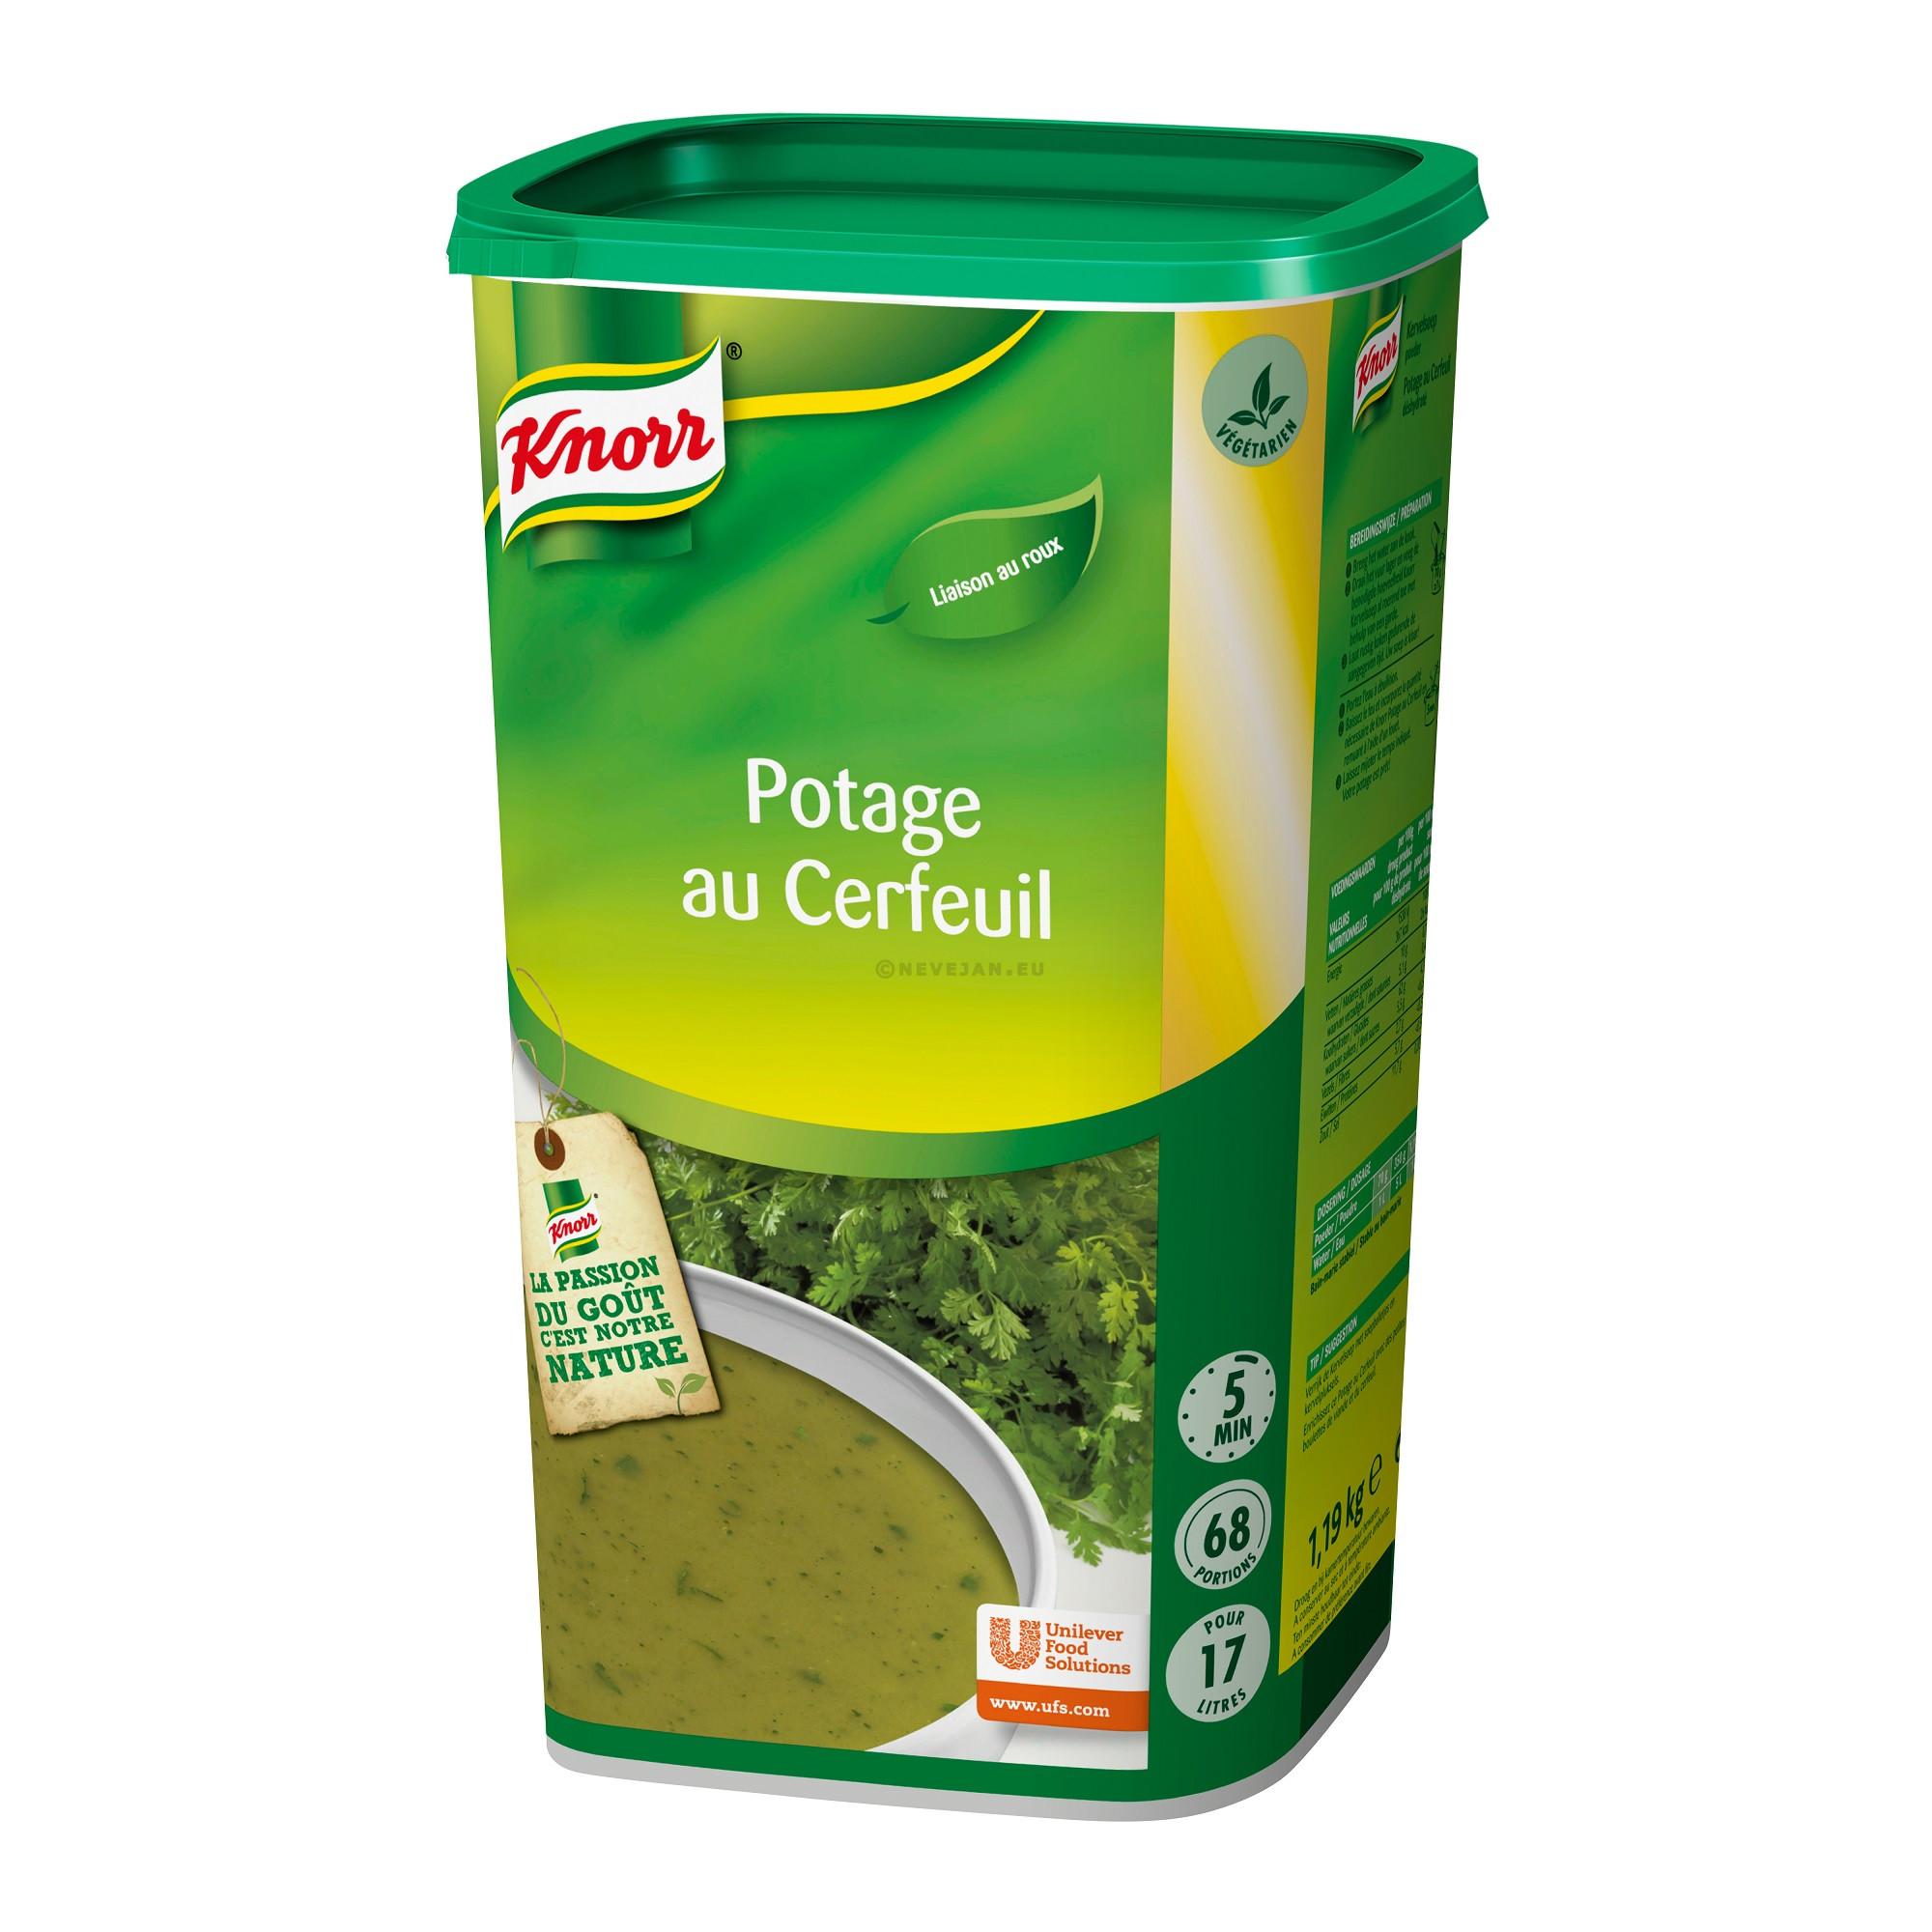 Knorr potage au cerfeuil 1.365kg Soupe de tous les Jours